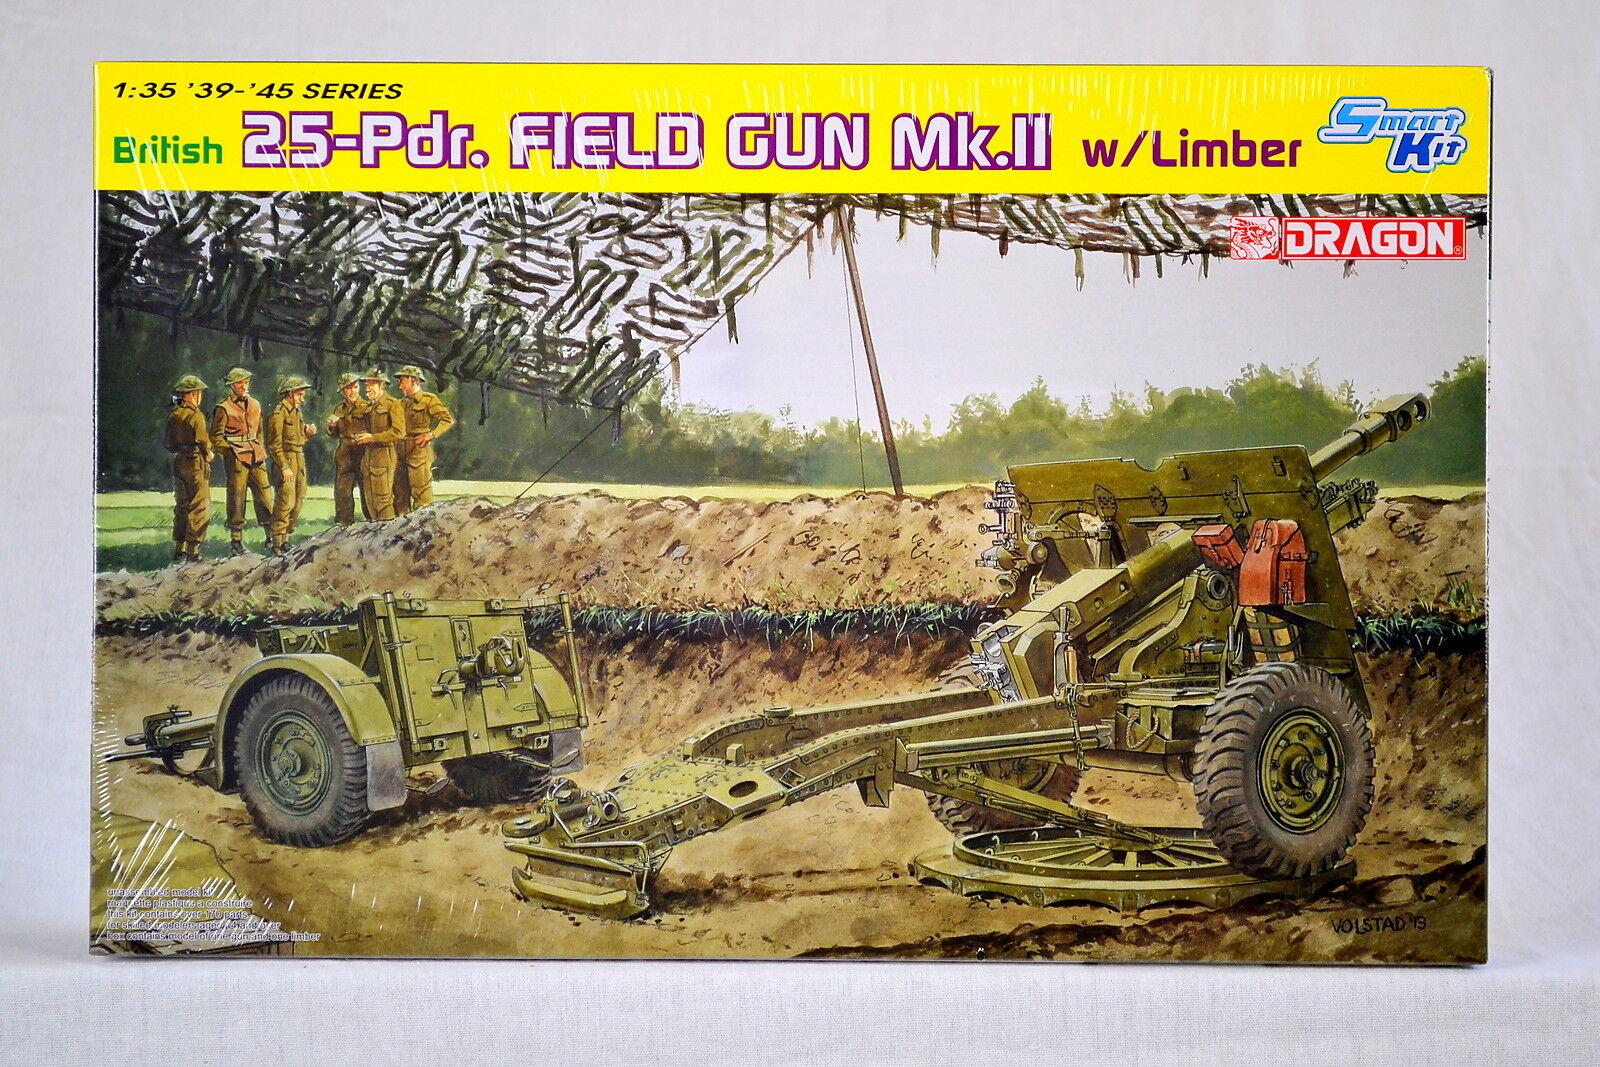 Dragon 6774 1 35 British 25pdr Field Gun Mk.II w Limber - Smart Kit